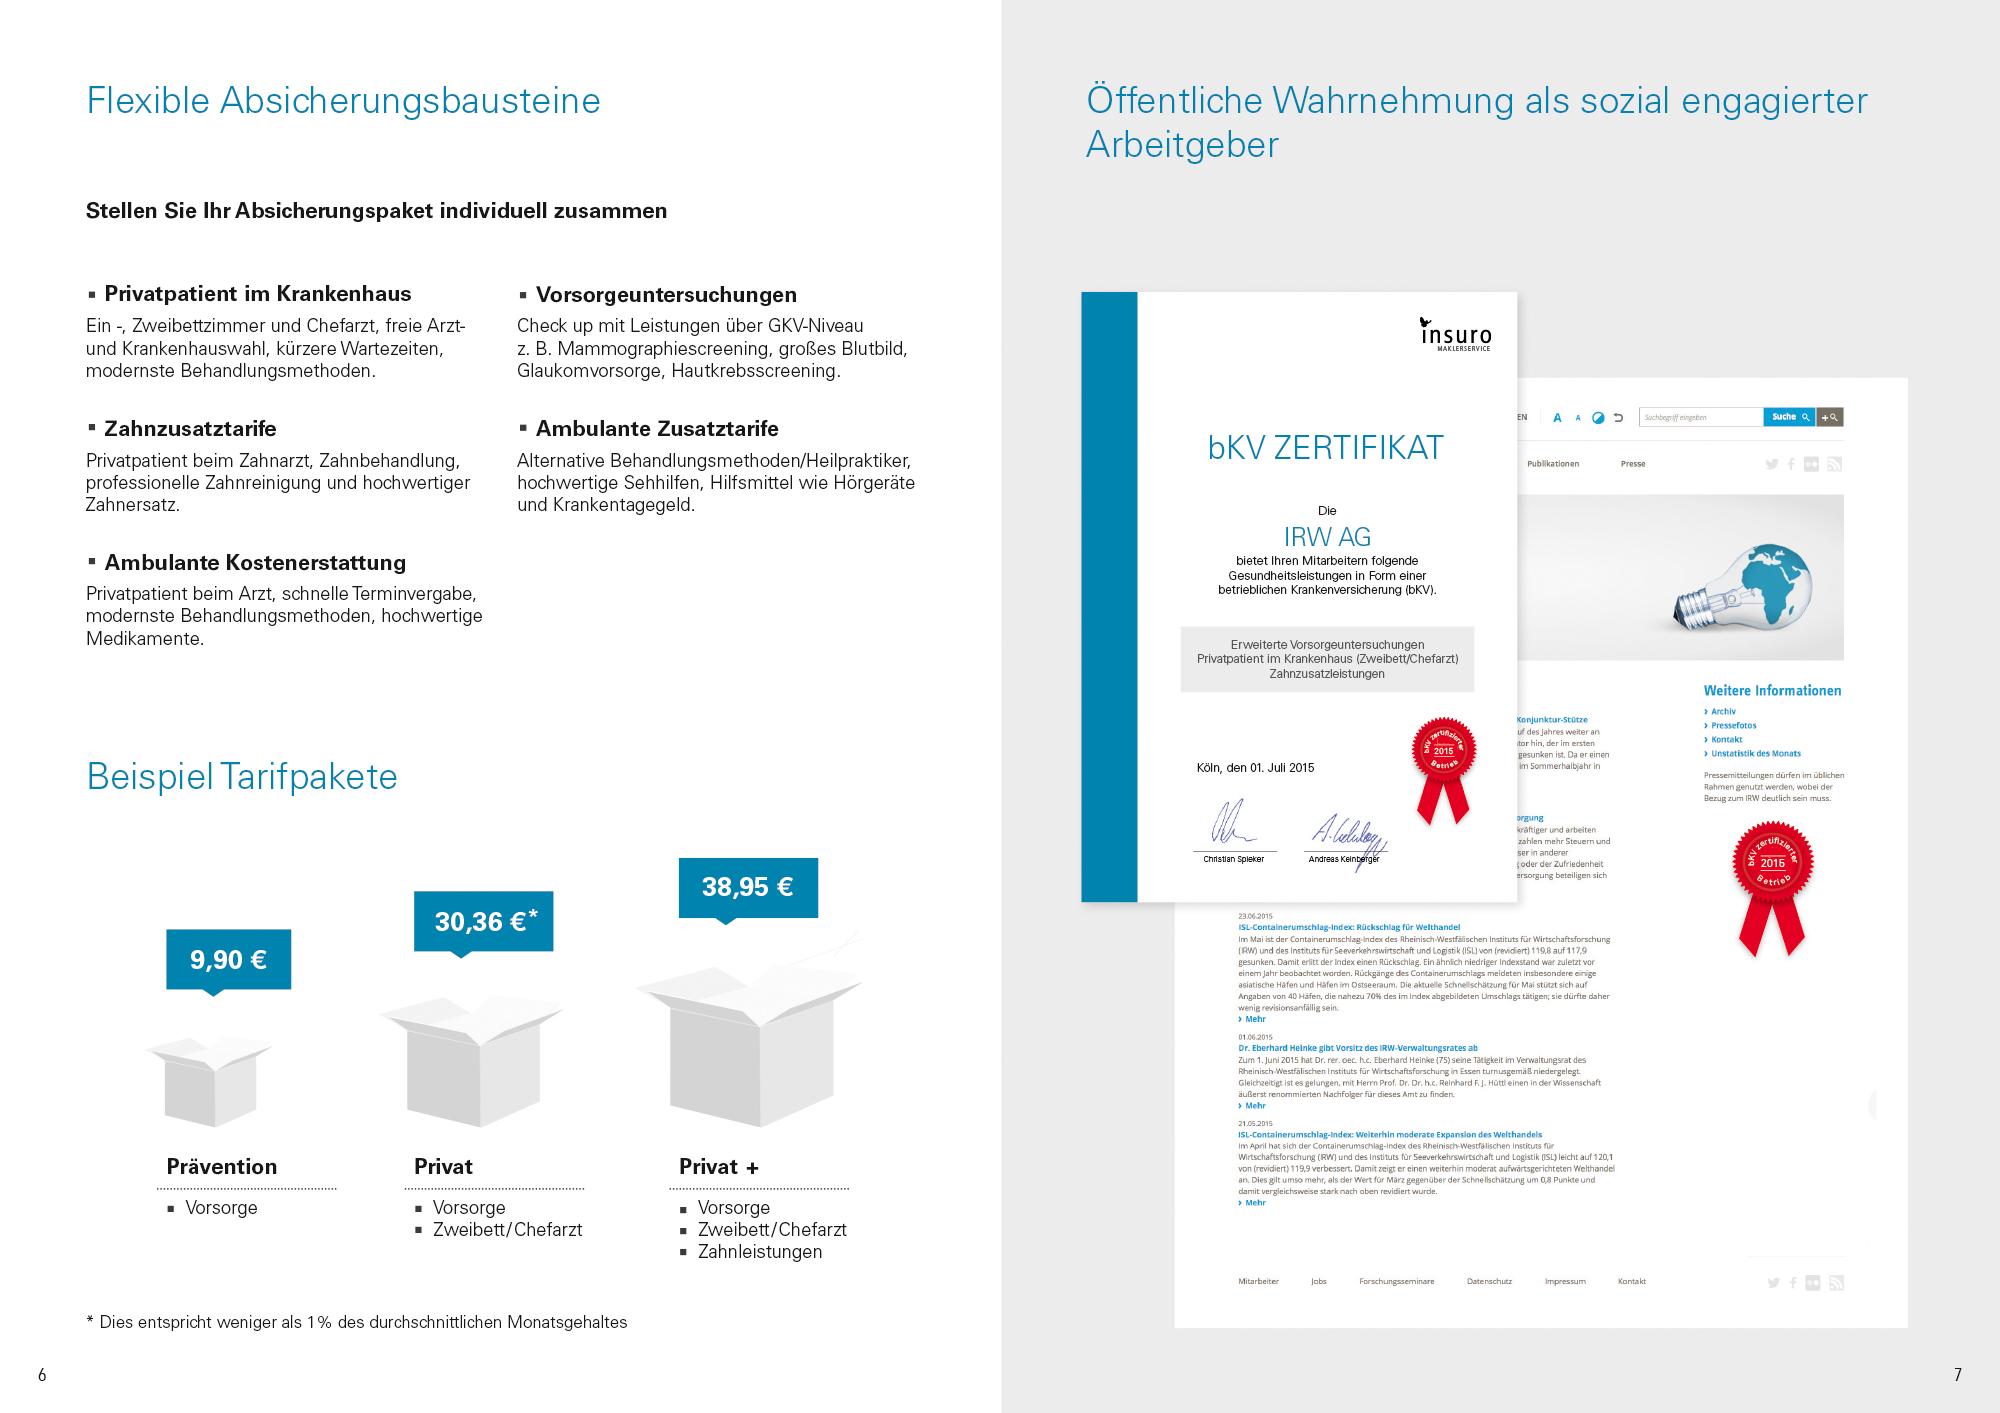 Tolle Mitarbeiter Zertifikat Beispiel Fotos - FORTSETZUNG ...